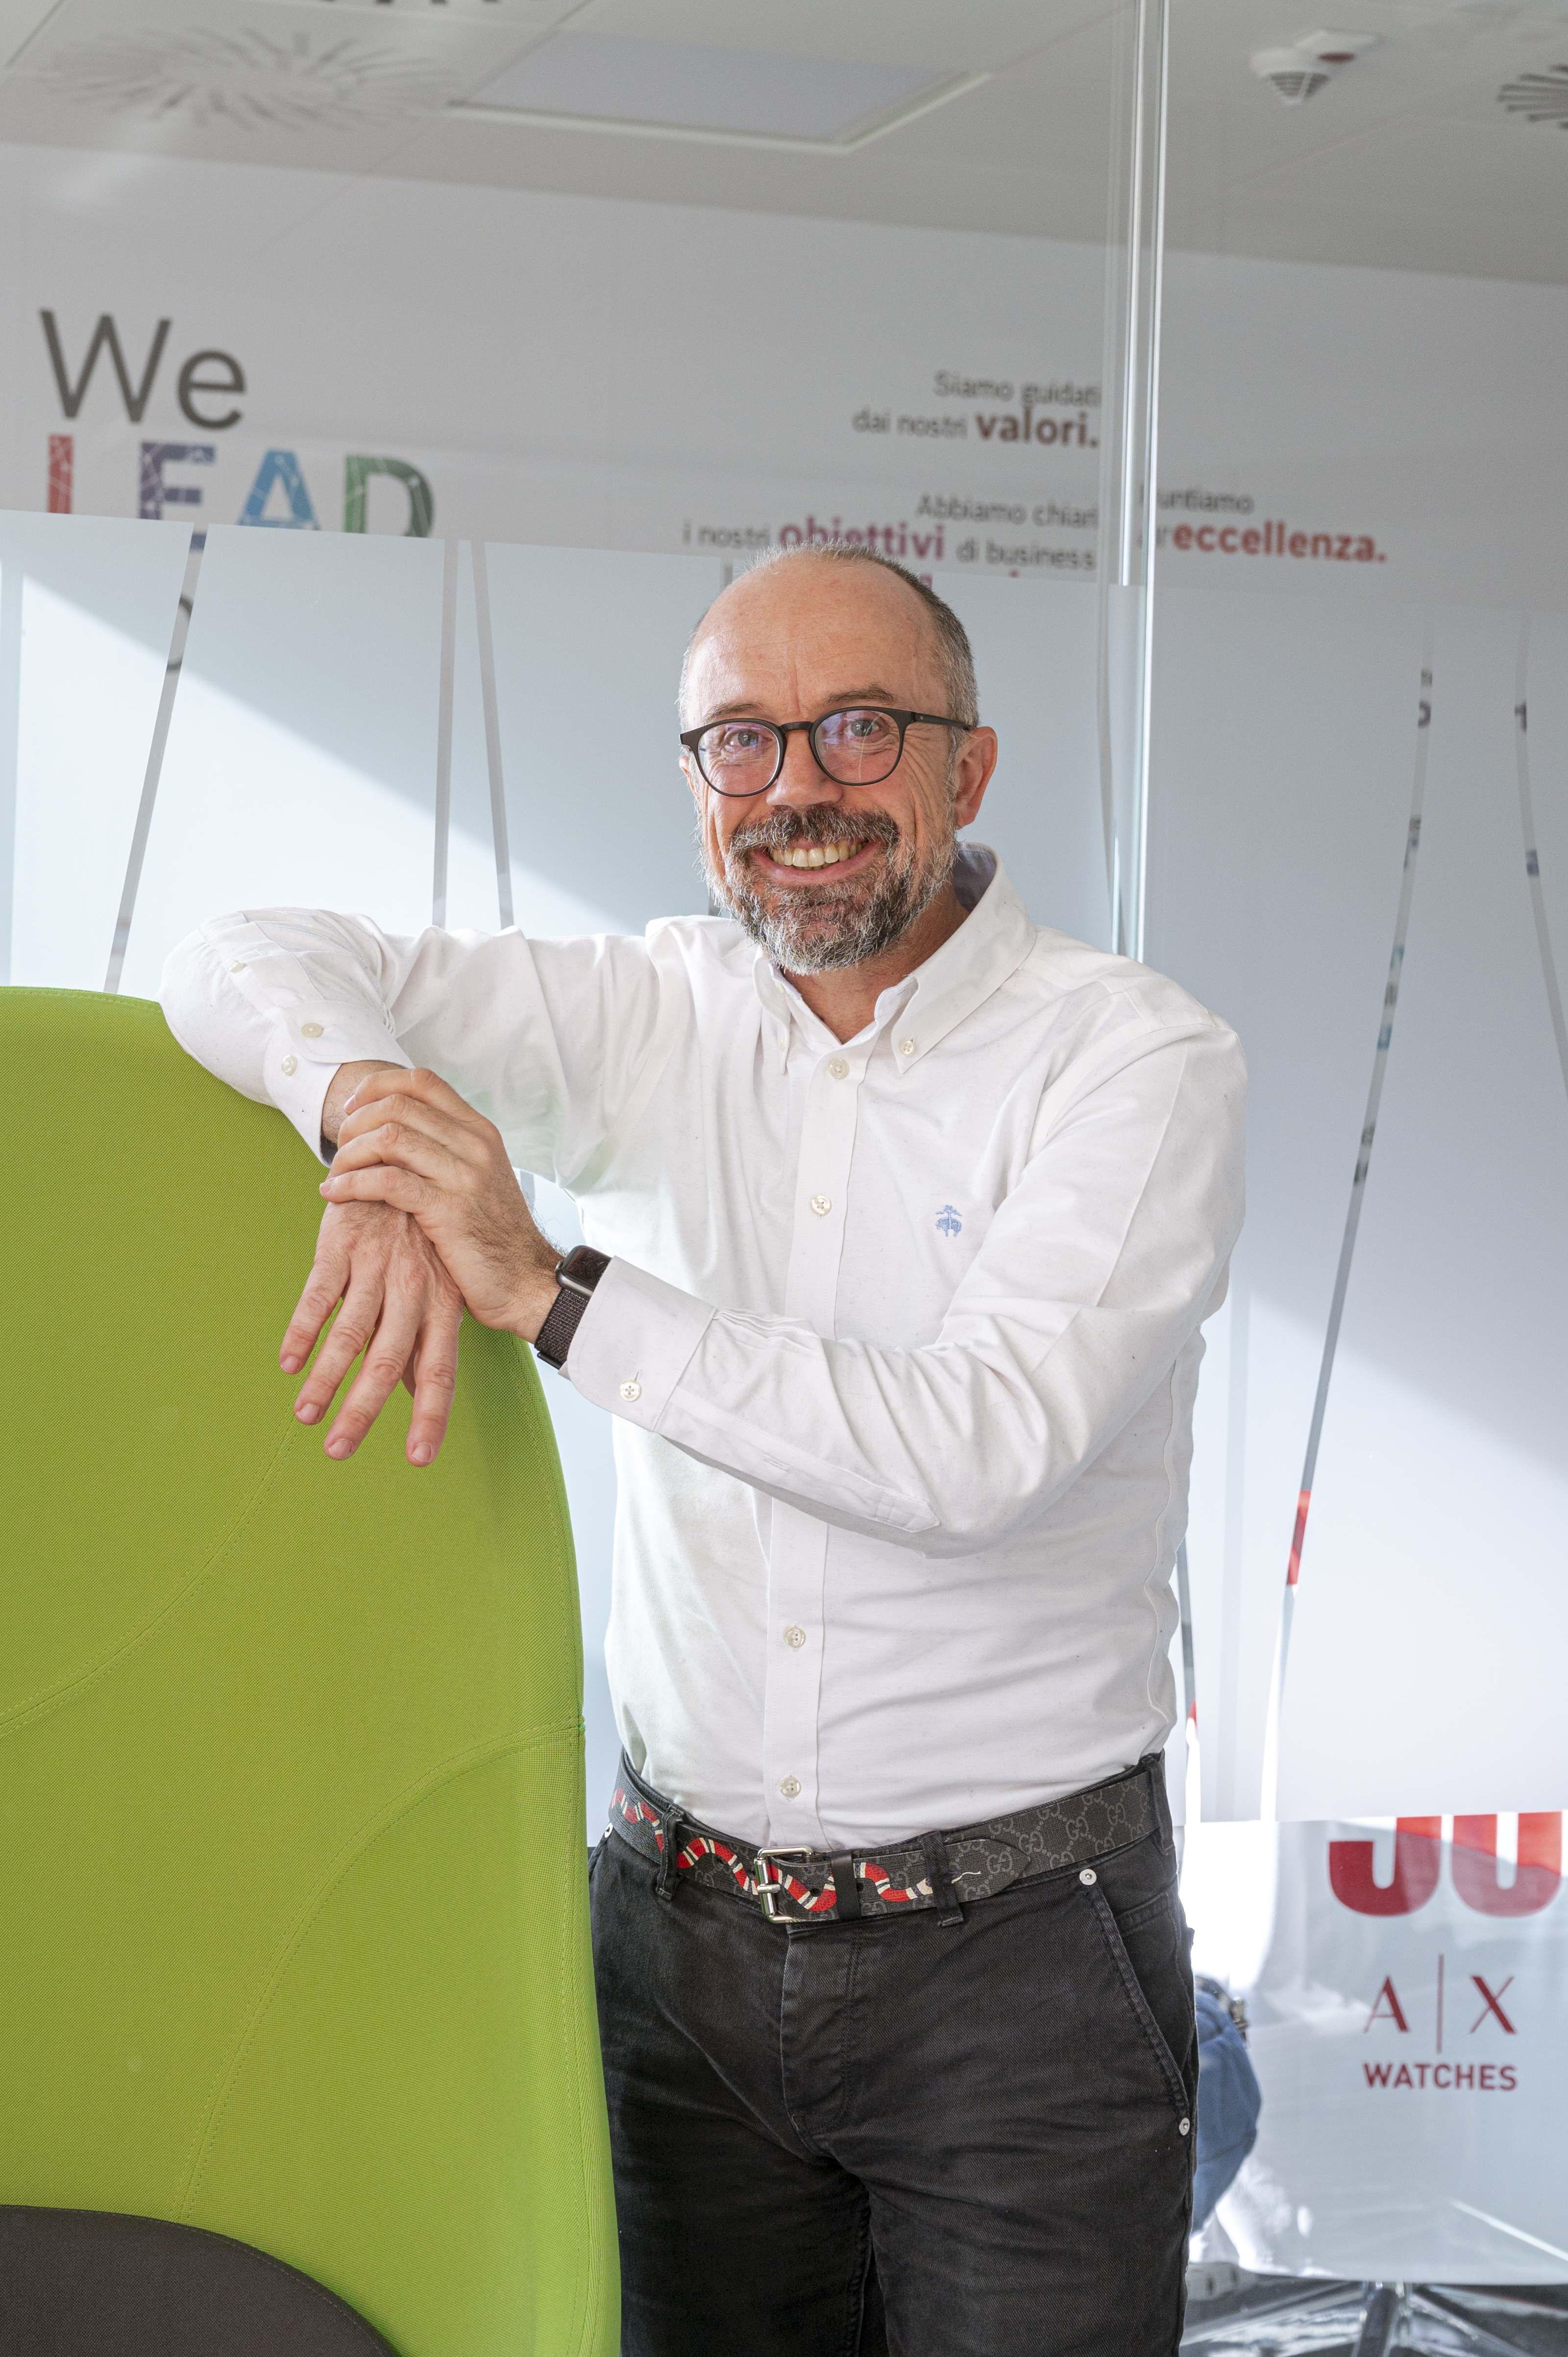 Roberto Zecchino, Vice Presidente Risorse Umane e Organizzazione Bosch Sud Europa